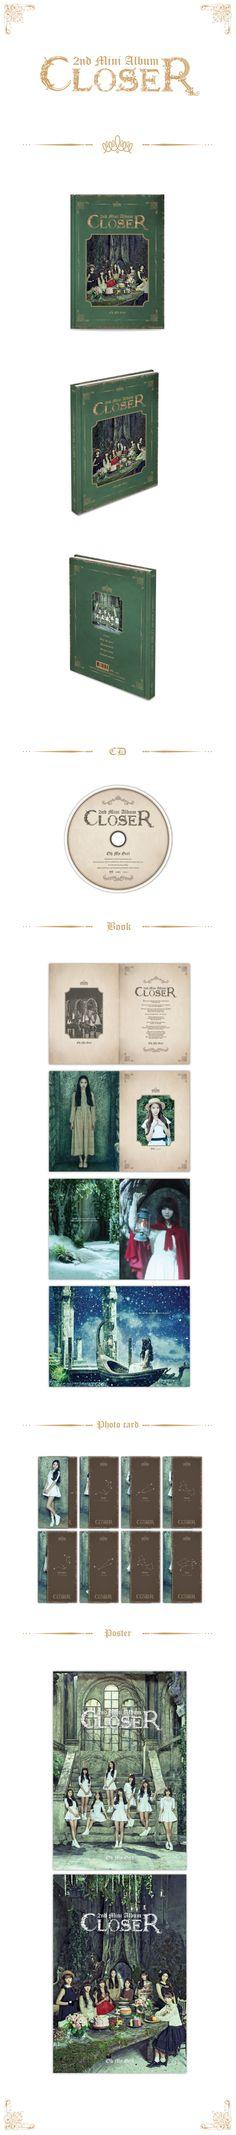 오마이걸 (OH MY GIRL) - CLOSER (2nd Mini Album) [68p 북클릿+포토카드 8종 중 1종 랜덤 삽입] [초도 한정 포스터(2종 중 1종 랜덤)+지관통 무료 증정]